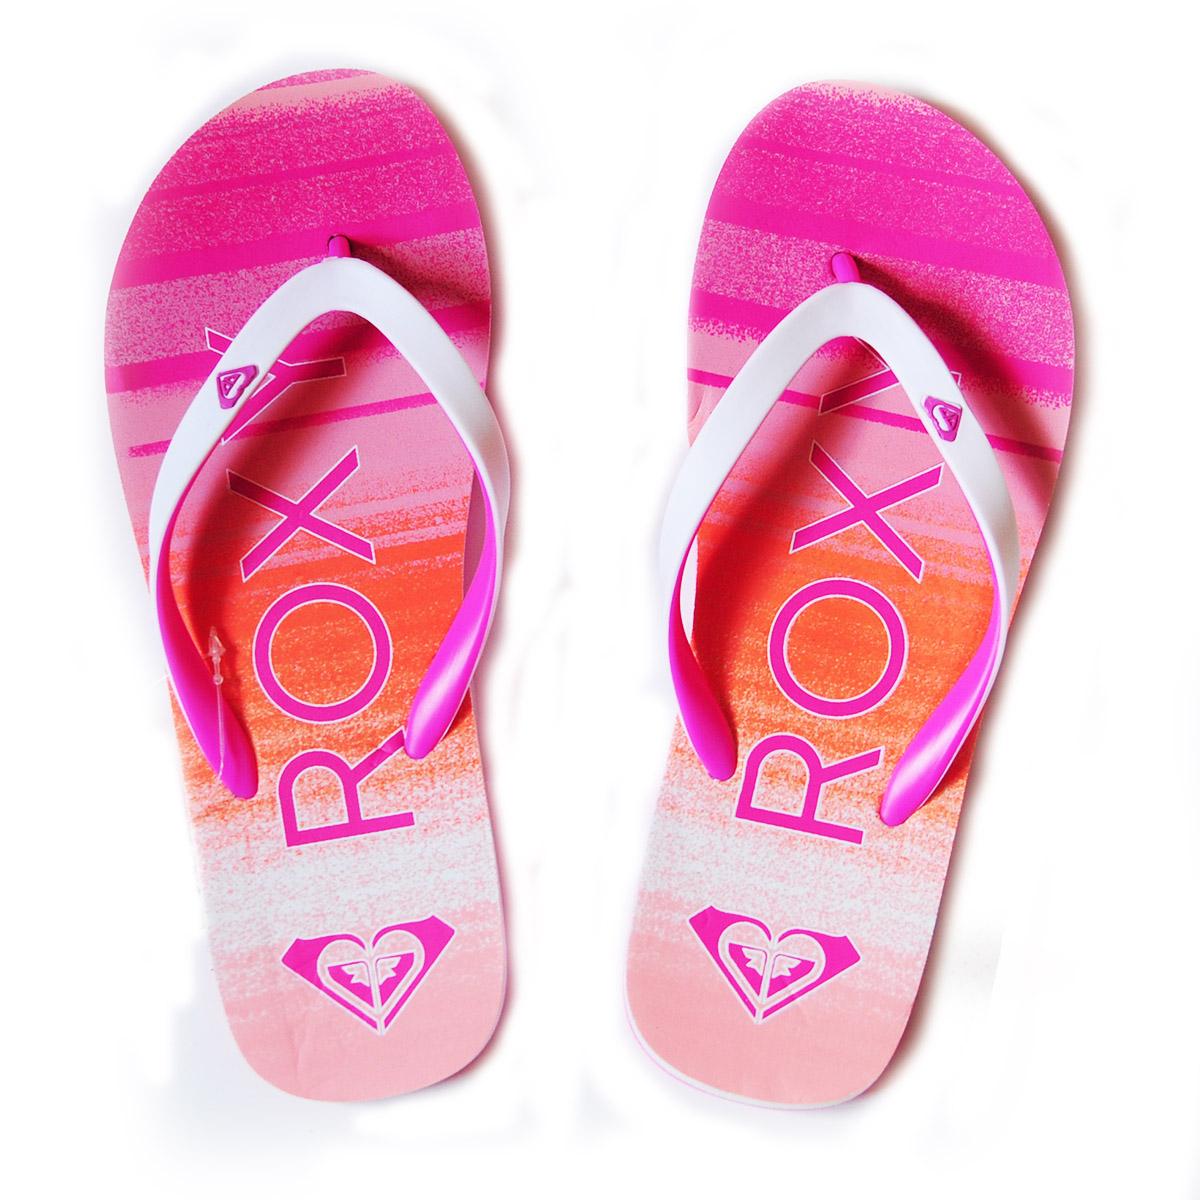 Женские розовые шлепки от бренда Roxy - заказать в интернет-магазине